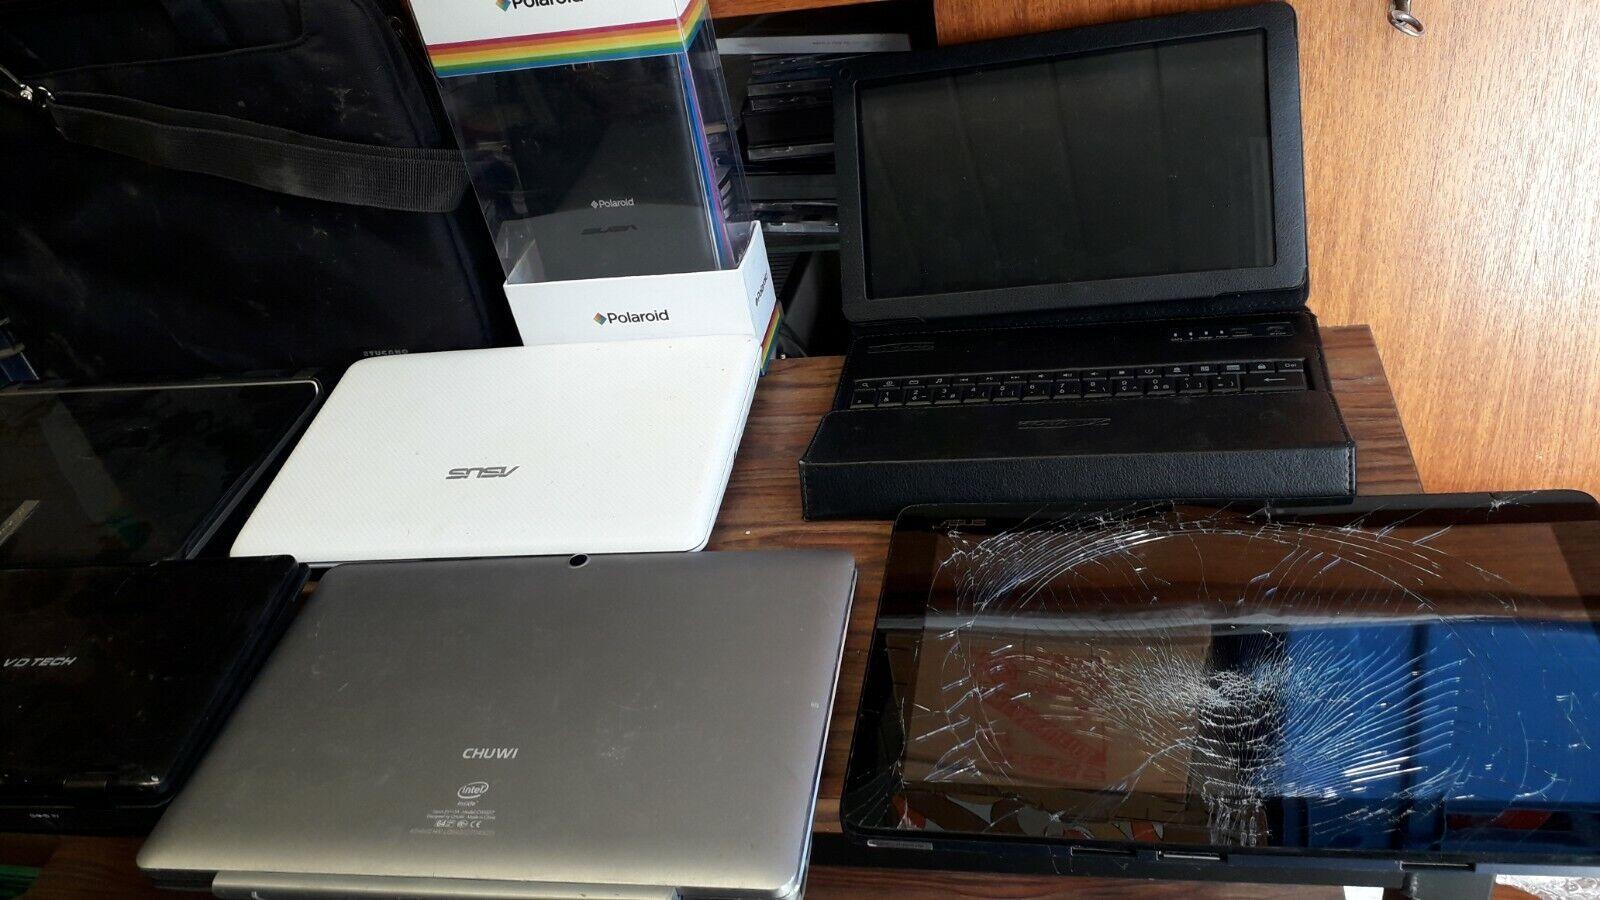 Lot de 5 netbook, 1 tablette asus, et 3 autres tablettes